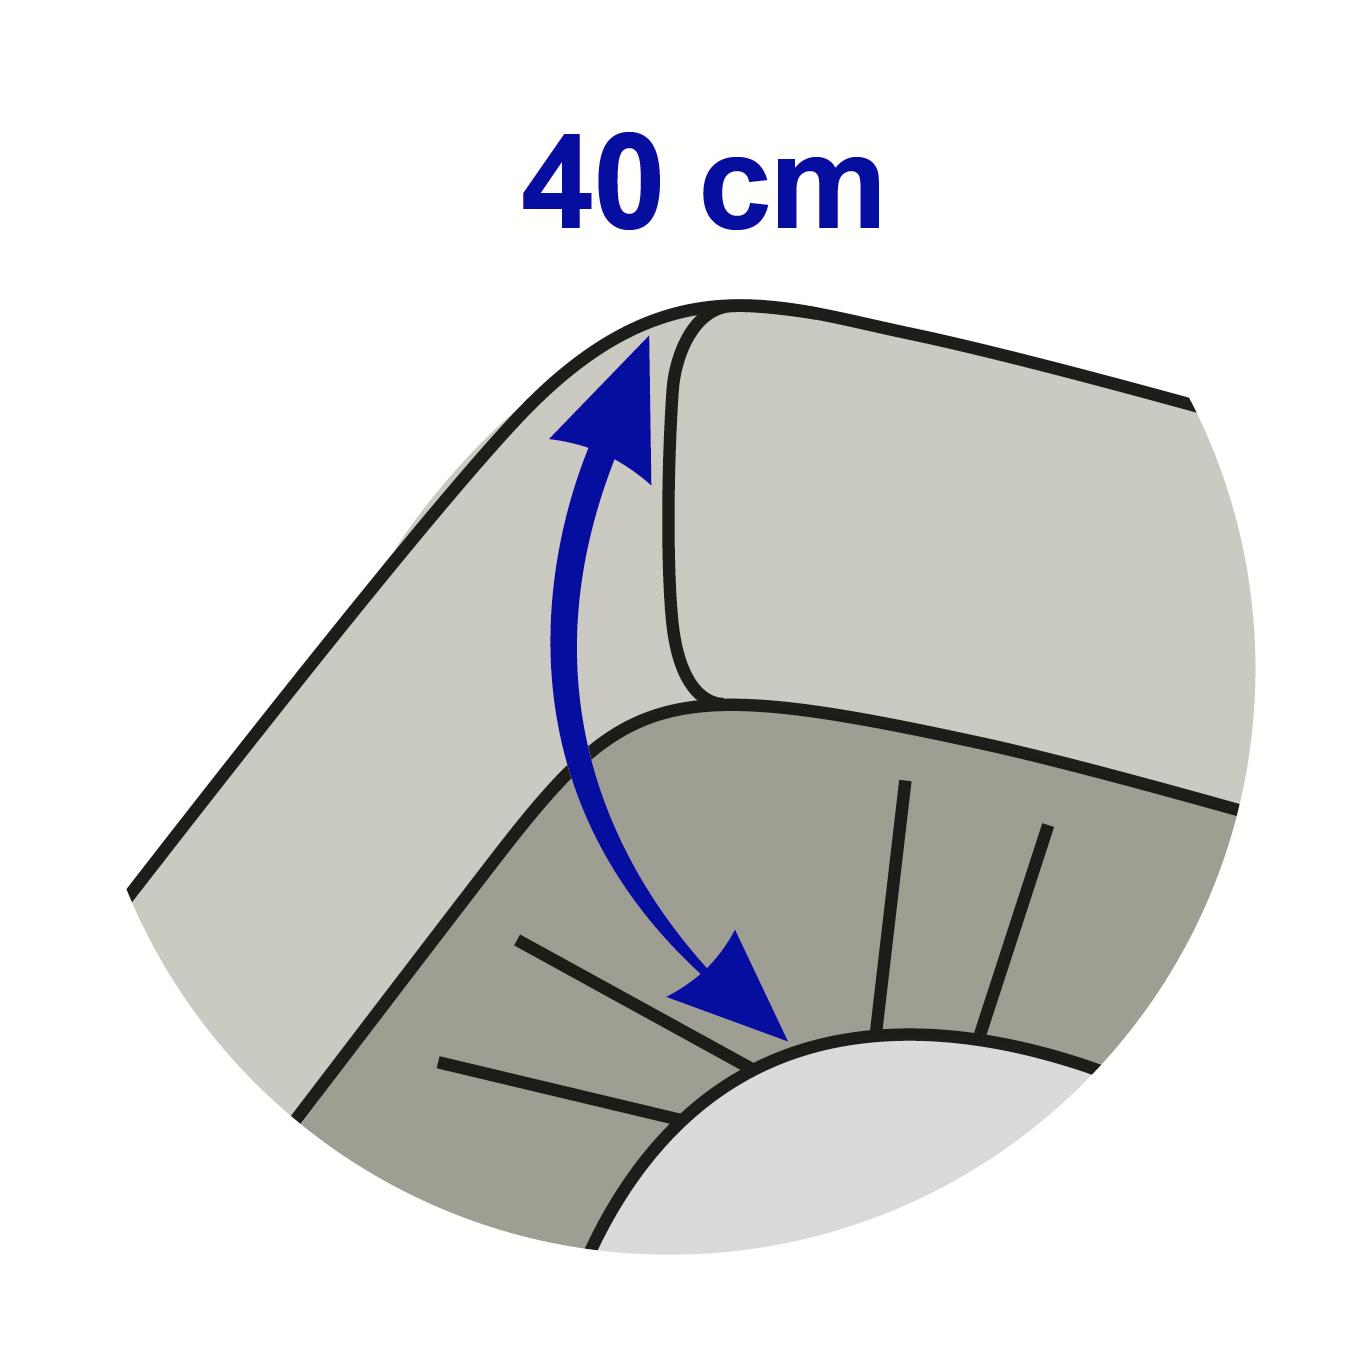 Drap Housse 160x200 Percale Grand Bonnet 40 Cm